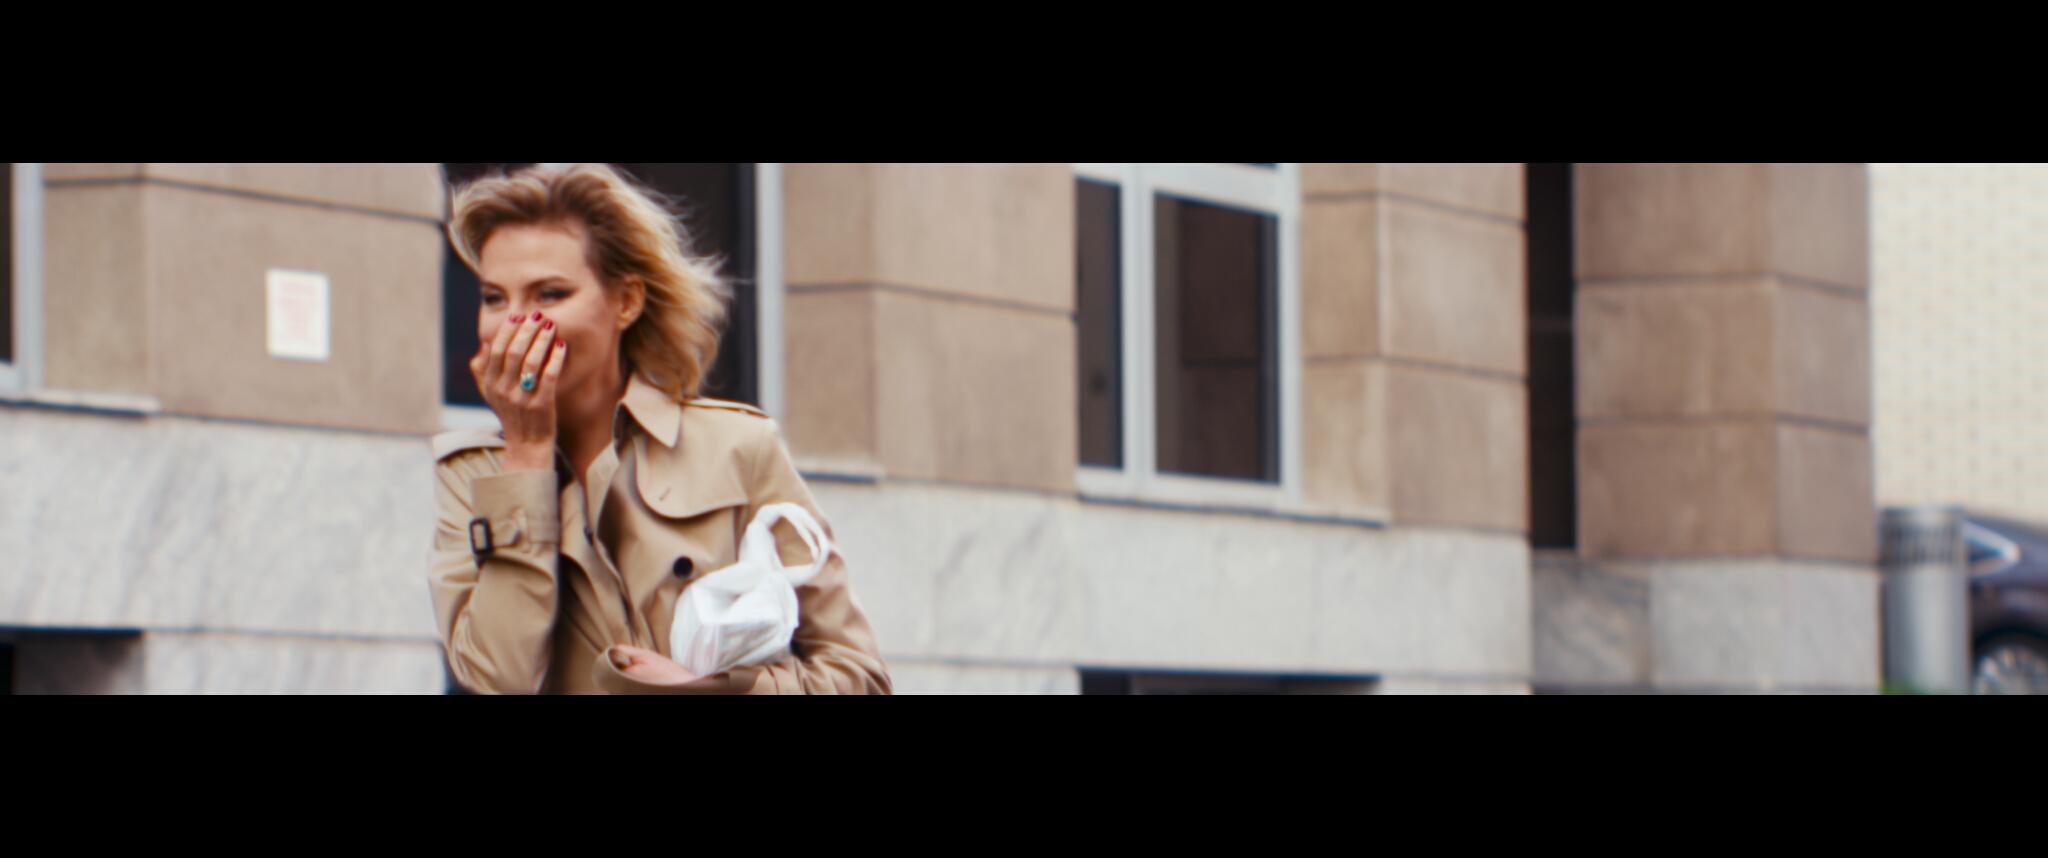 Кадры из фильма смотреть фильм про любовь 2015 с ренатой литвиновой